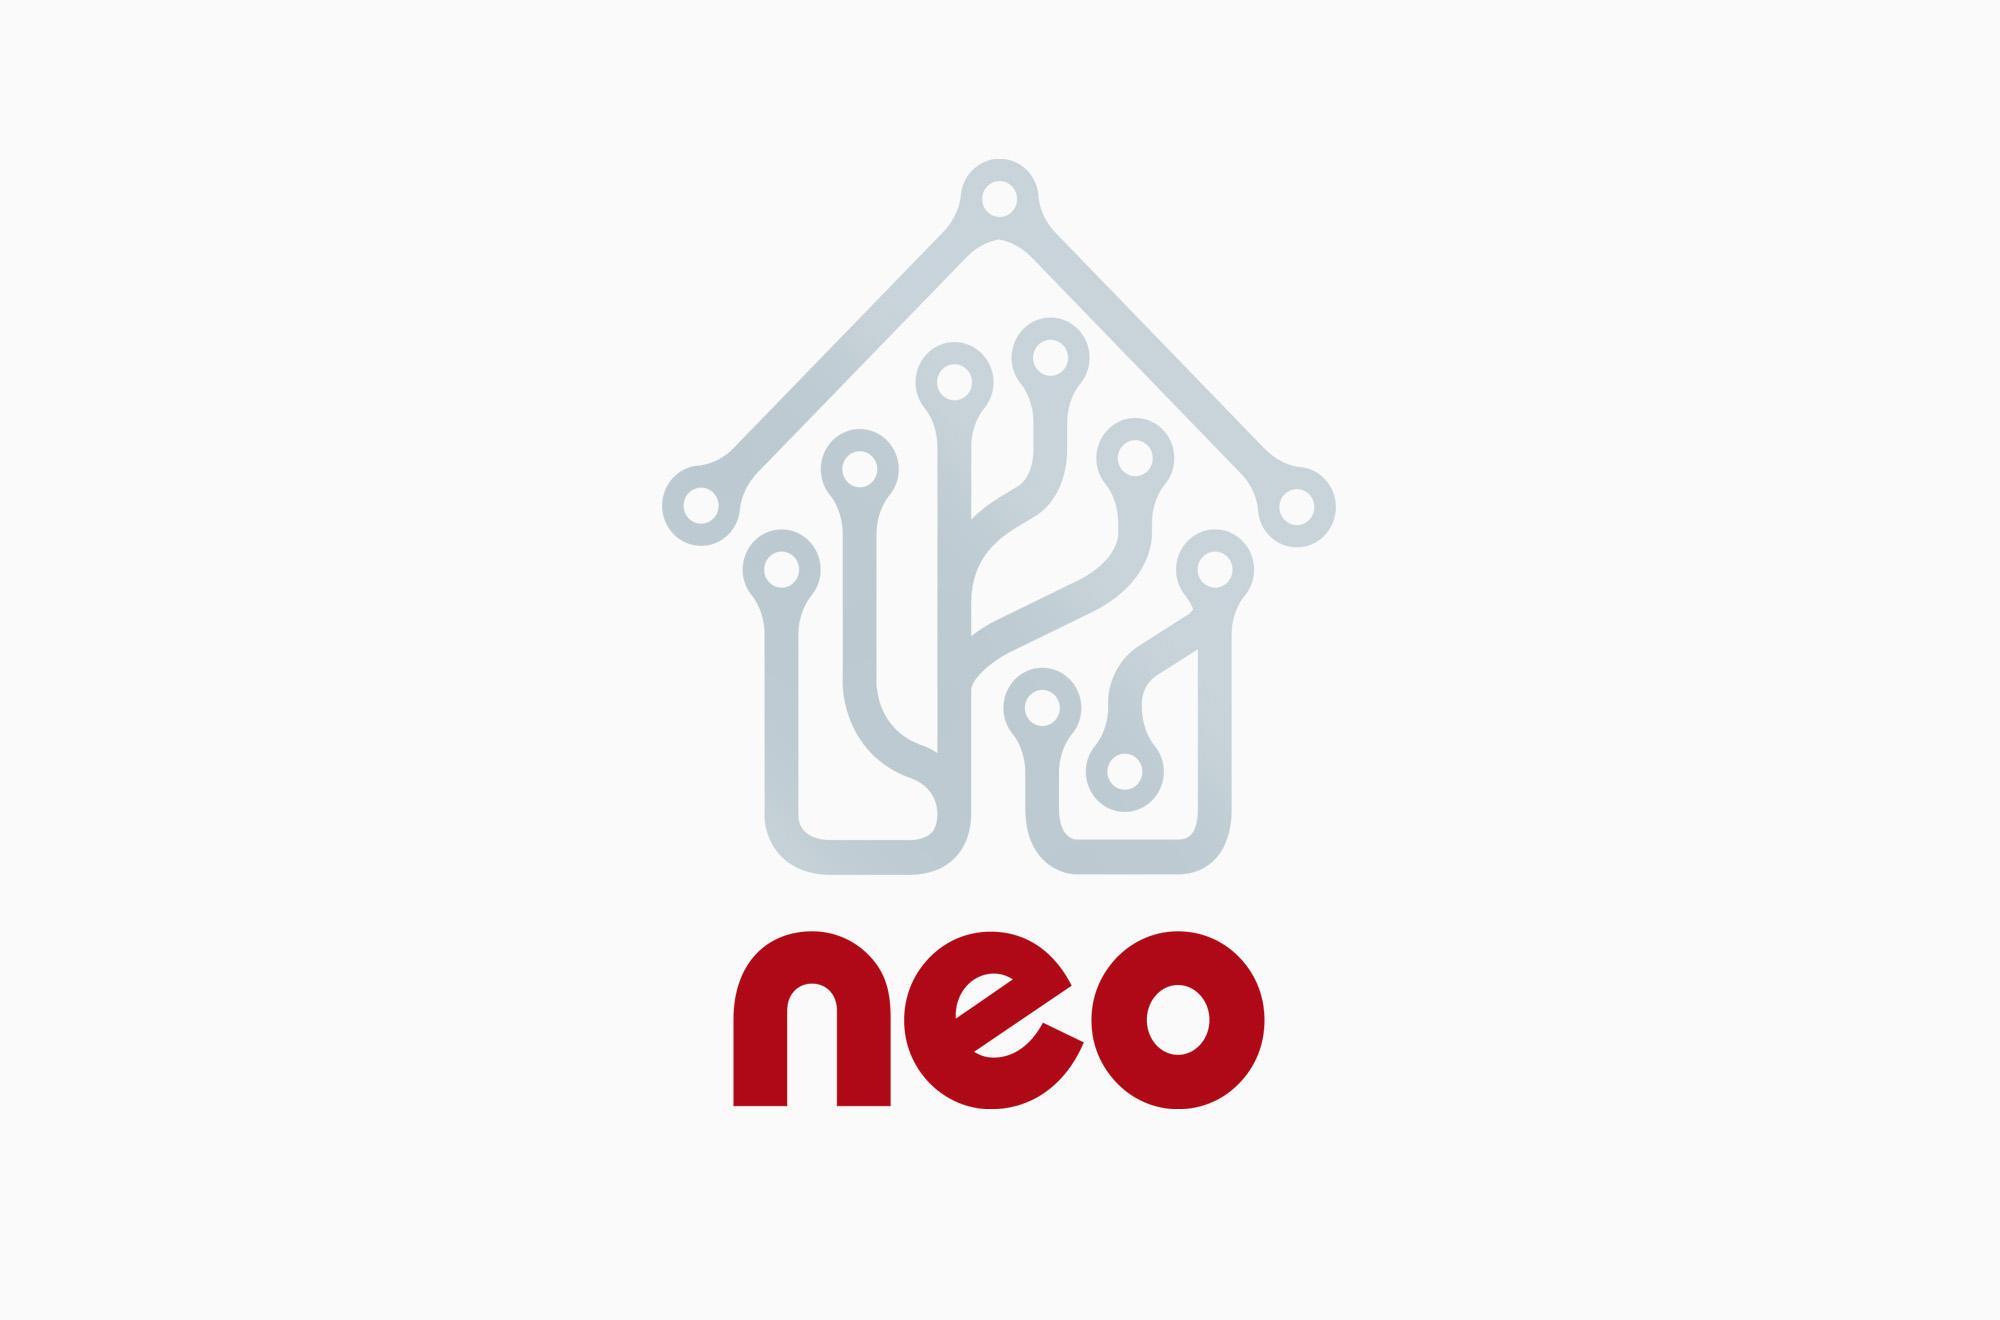 Neo logotype design